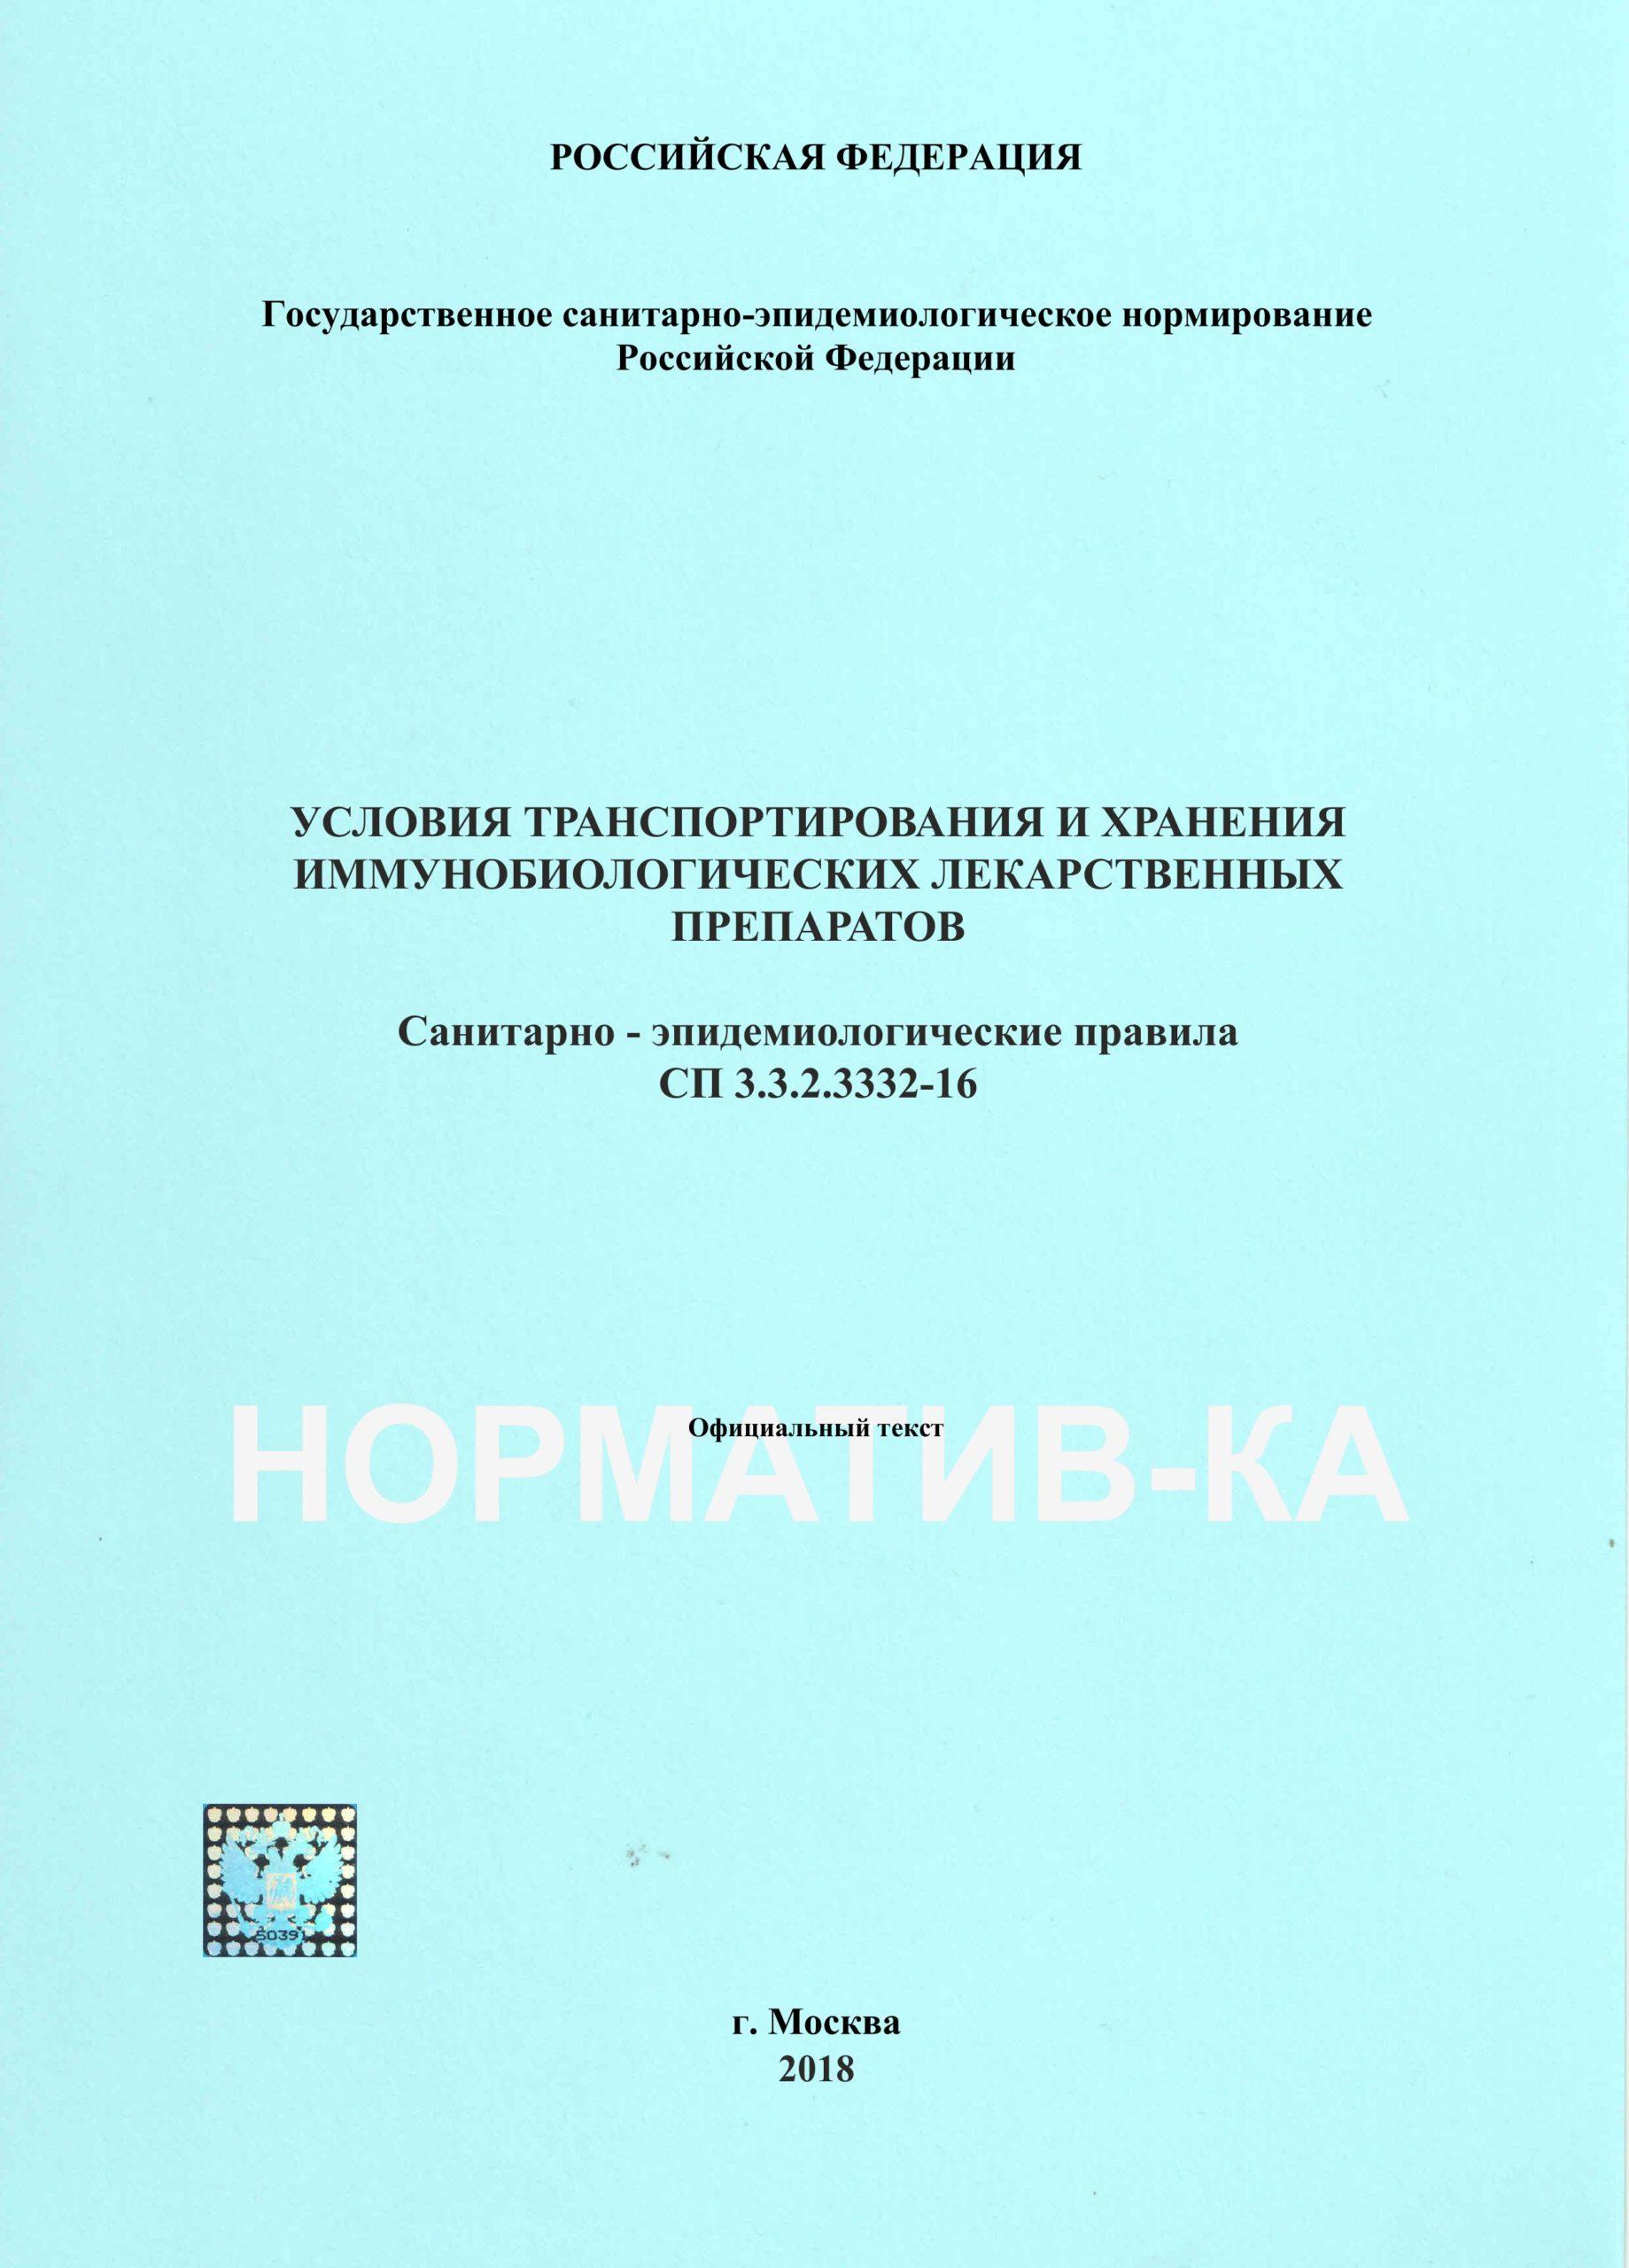 СП 3.3.2.3332-16